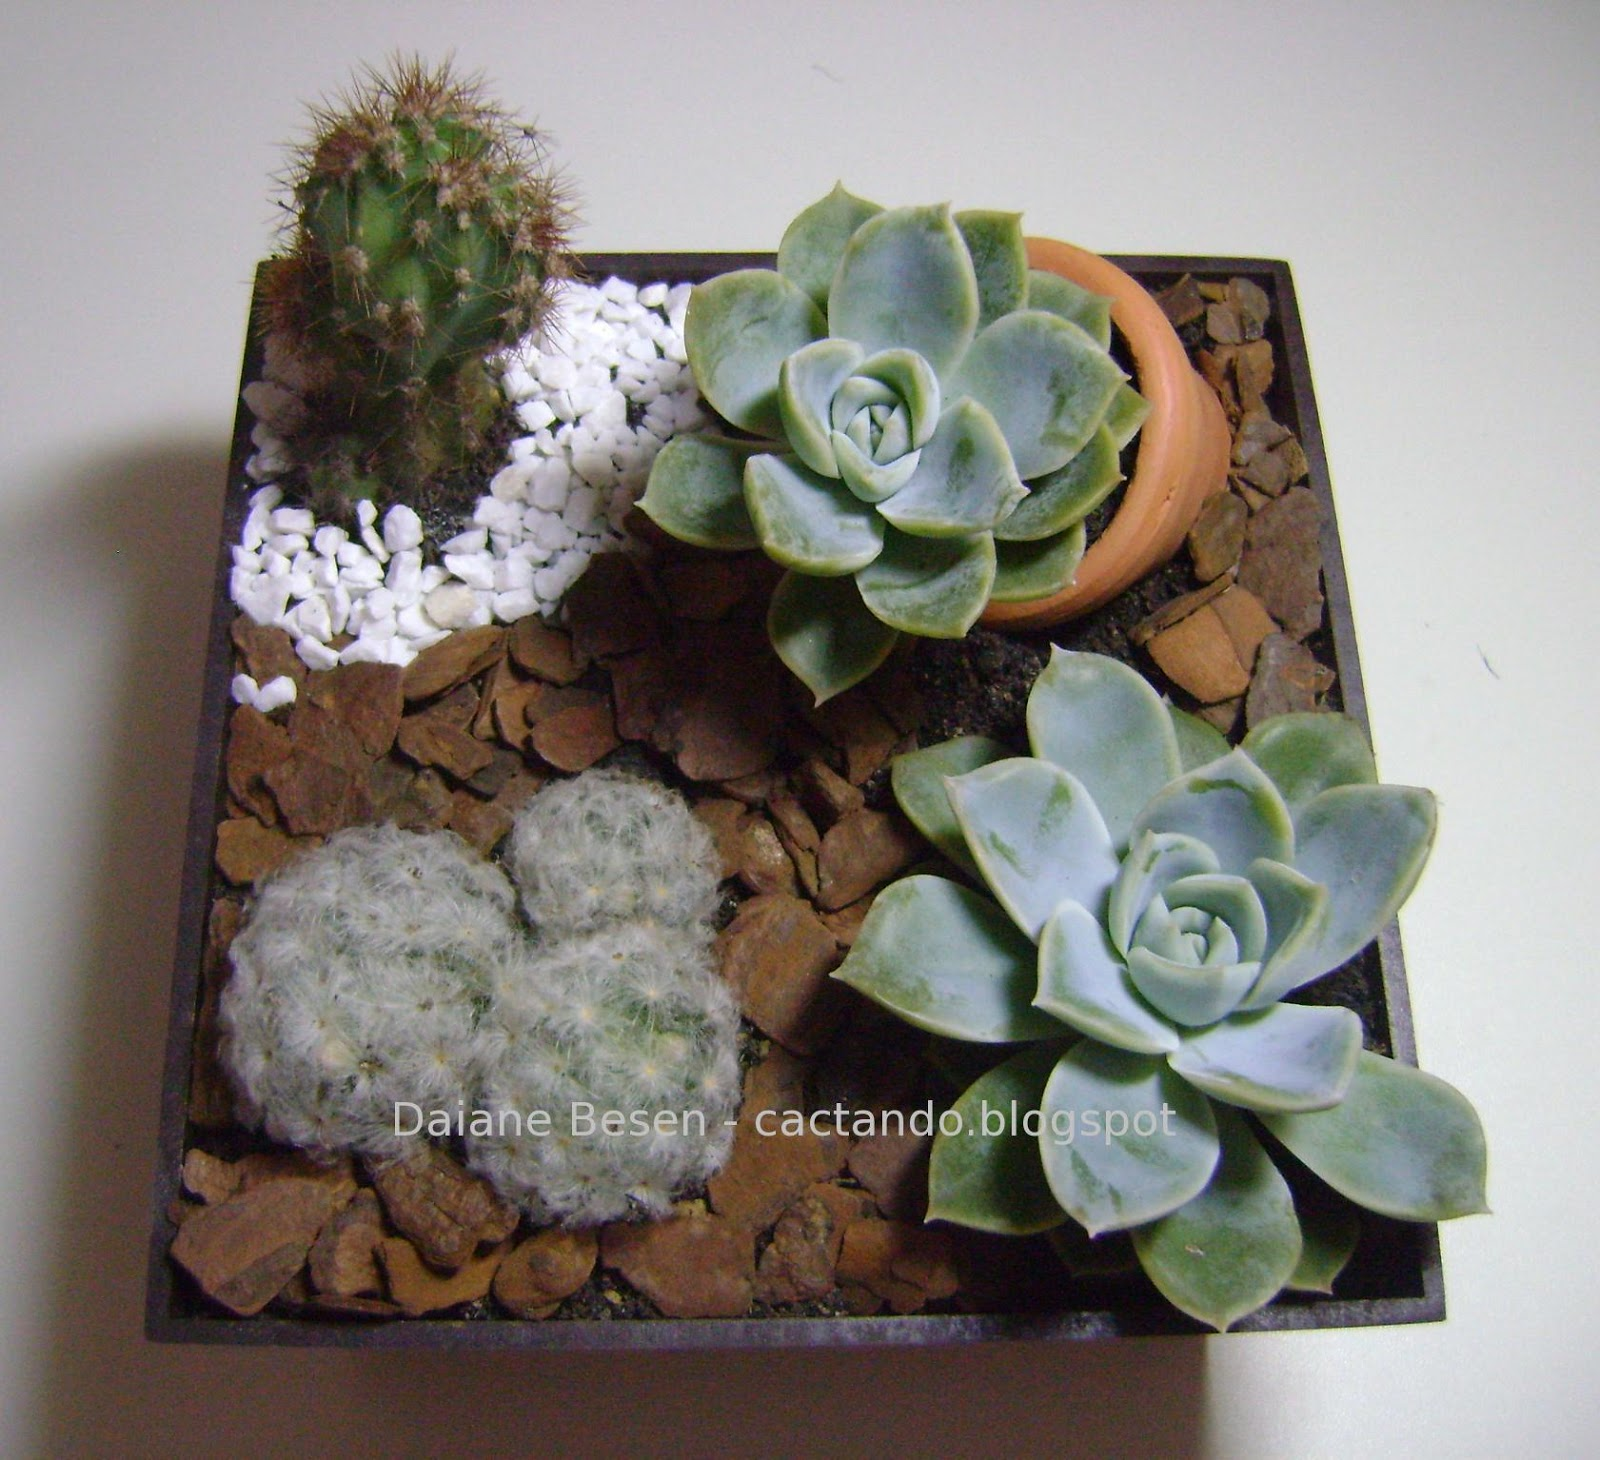 mini jardim suculentas:Mais um mini jardim! Neste foram usadas plantas maiores, um jardim no